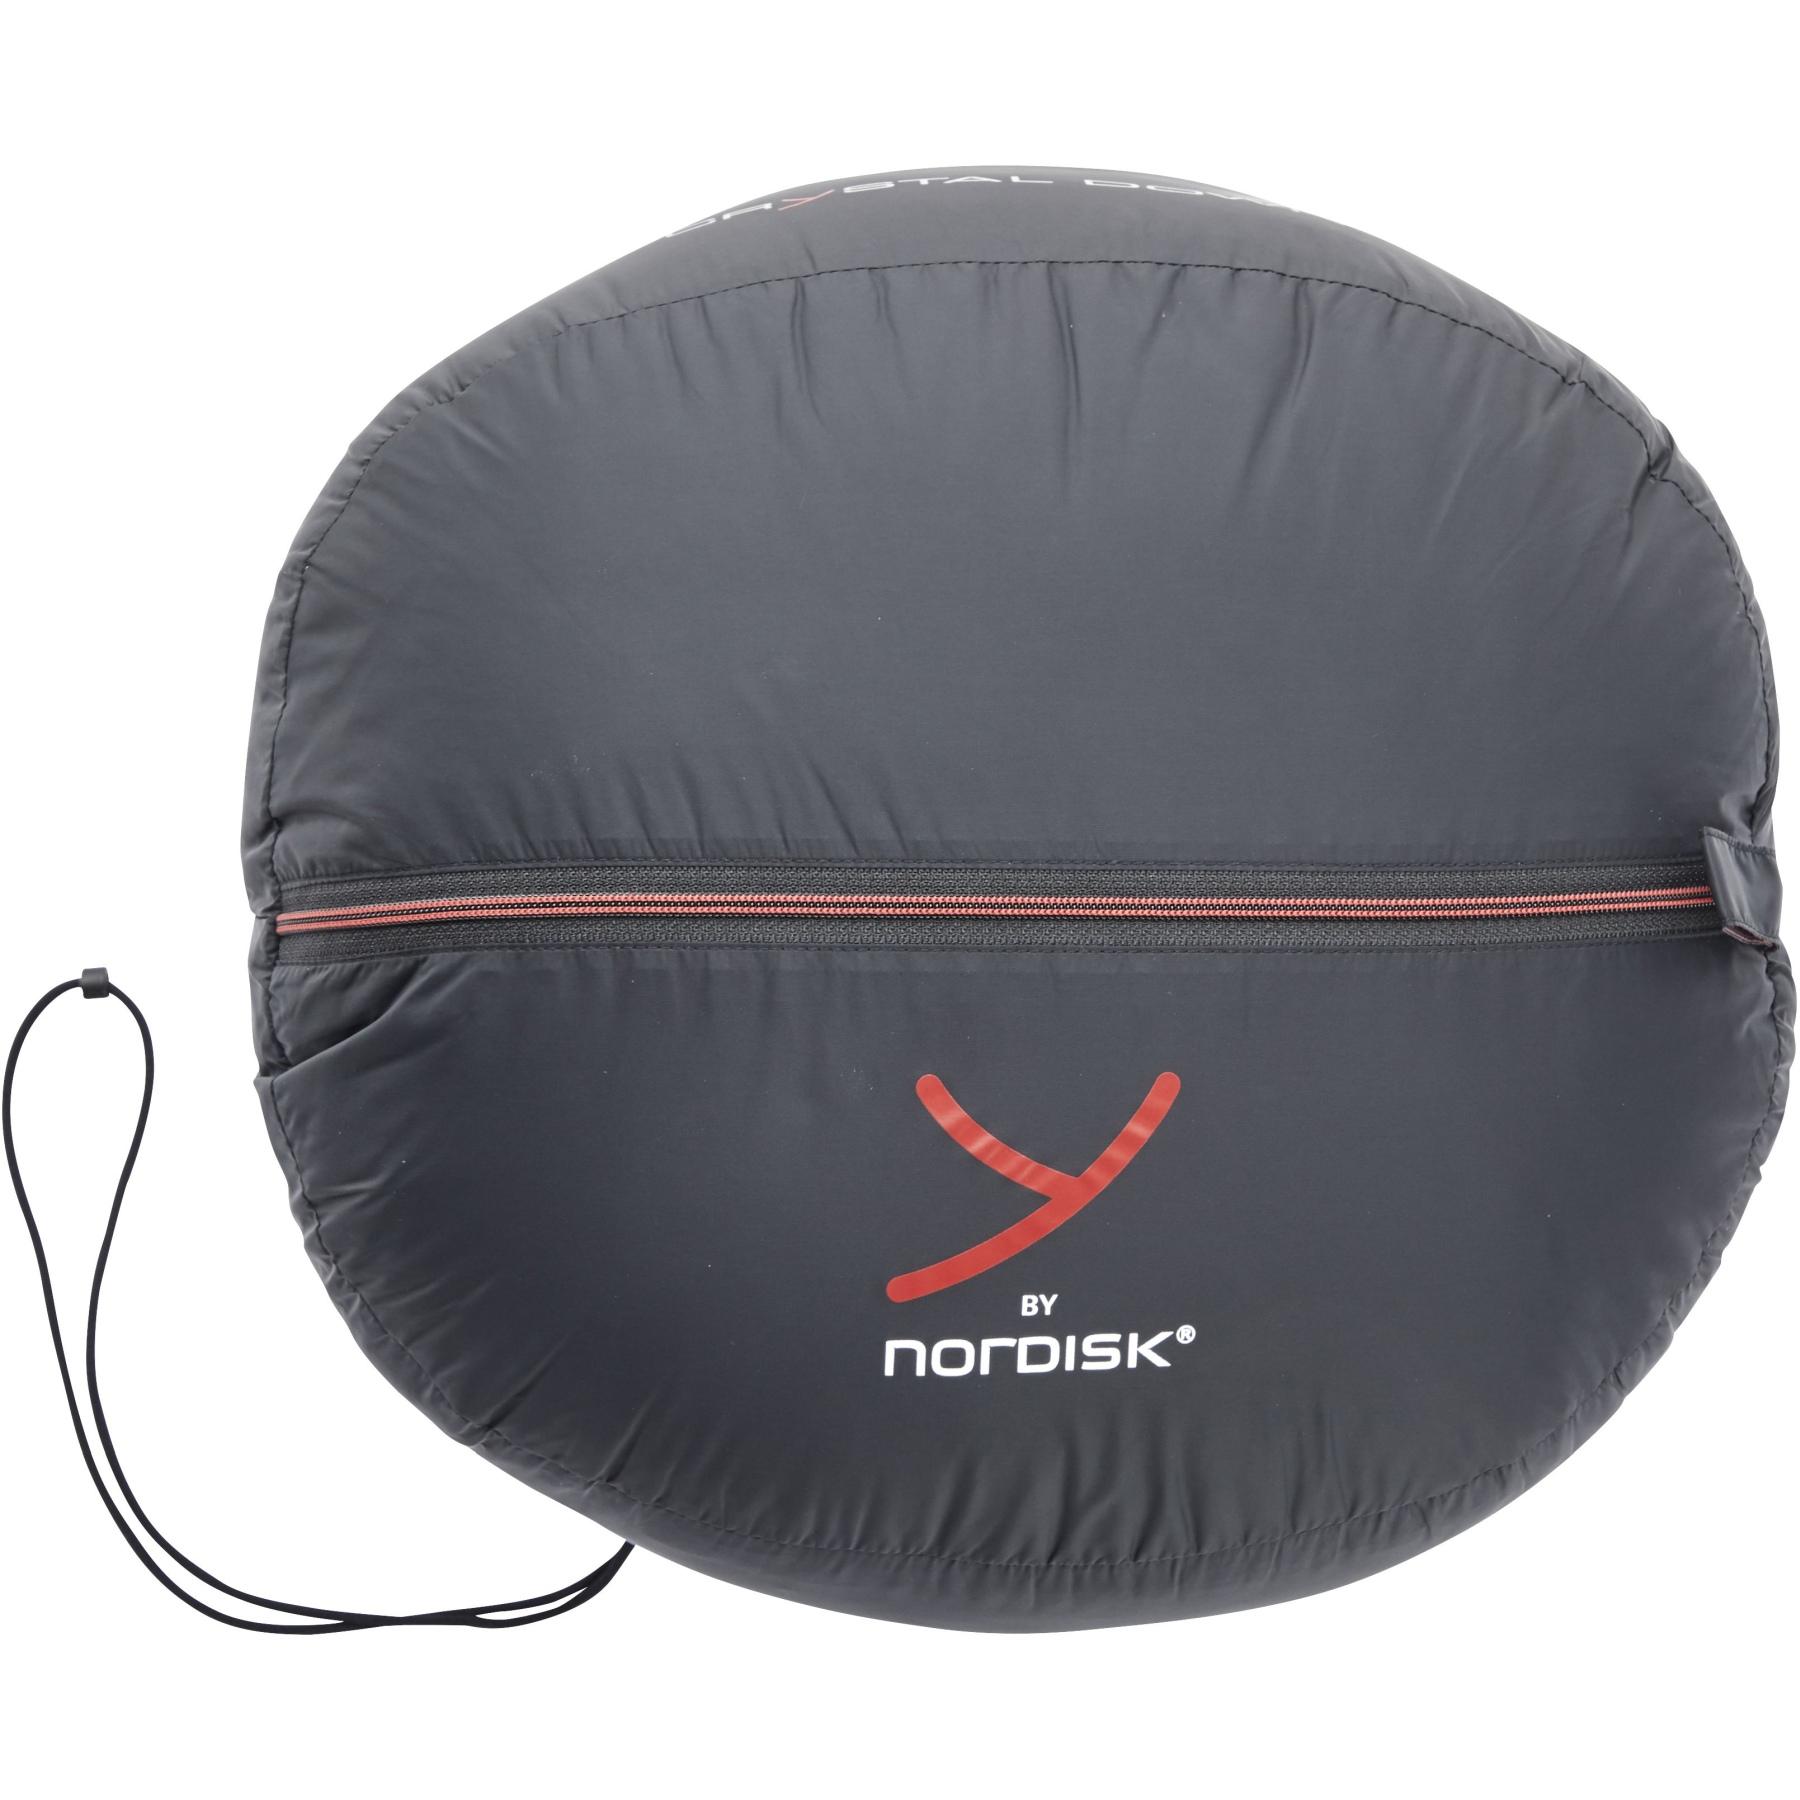 Bild von Y by Nordisk Voyage 500 XL Schlafsack - ribbon red/black